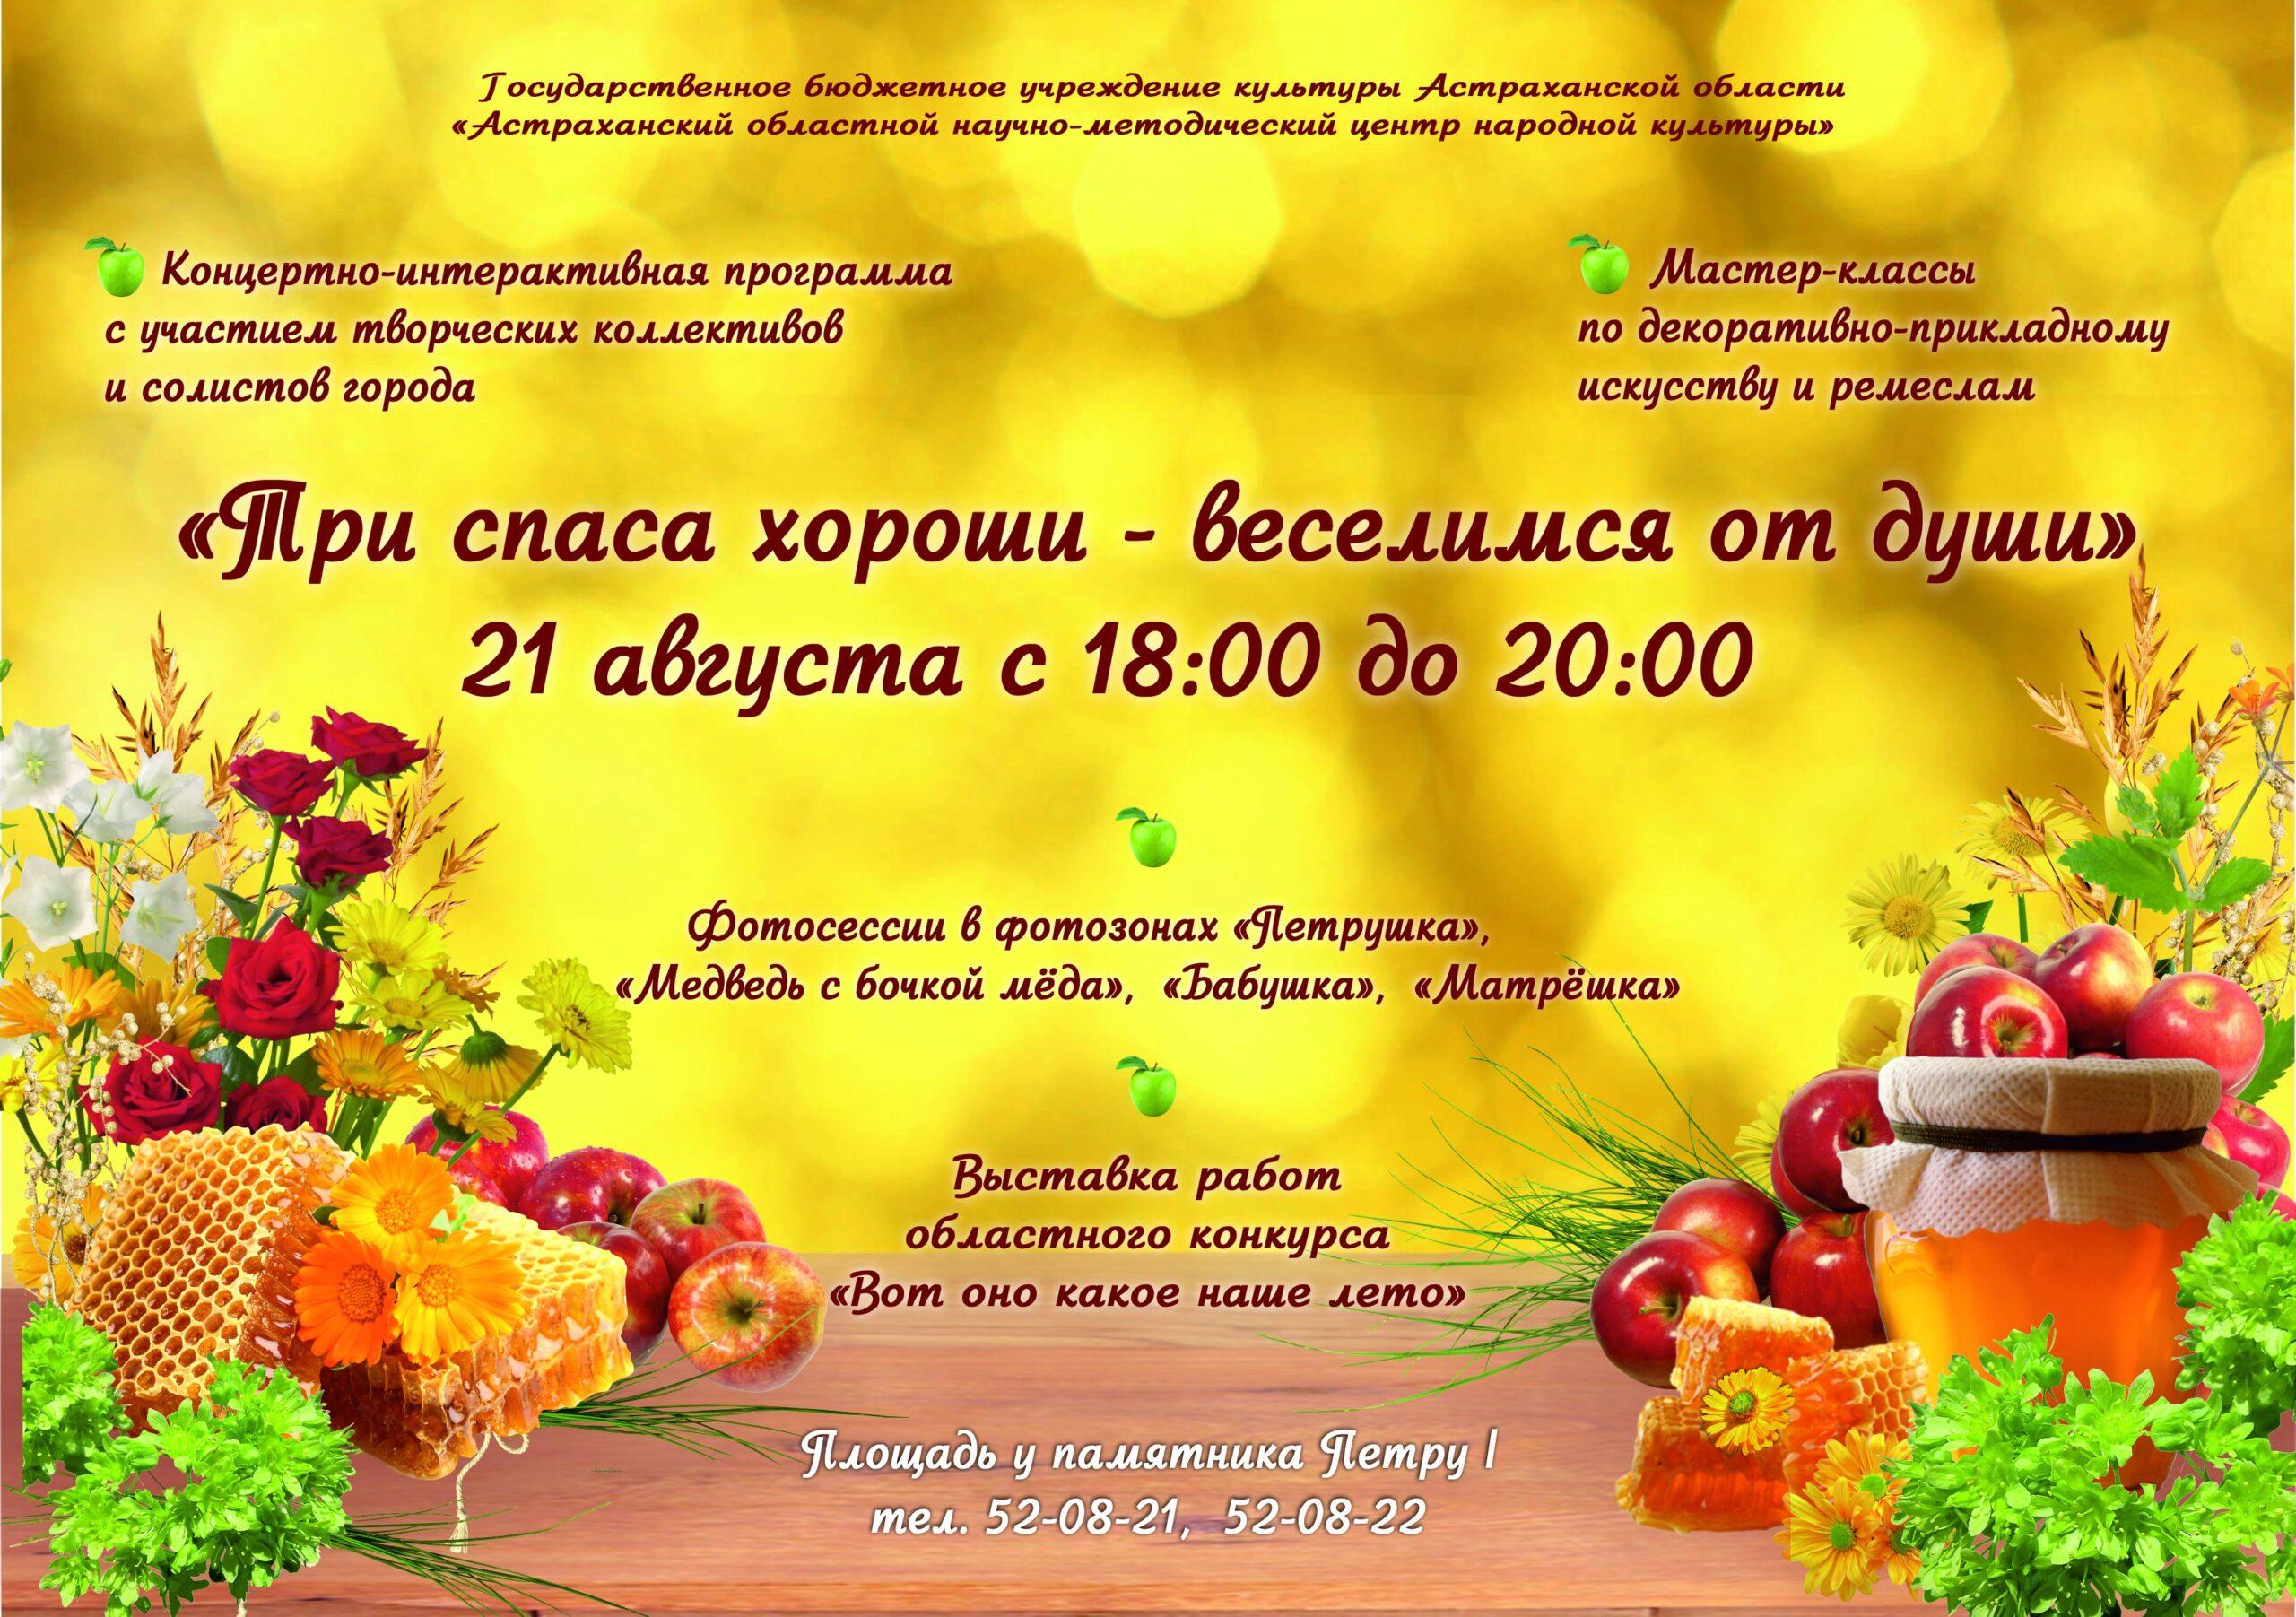 <strong>Приглашаем на Русские вечерки, посвященные празднованию спасов</strong>